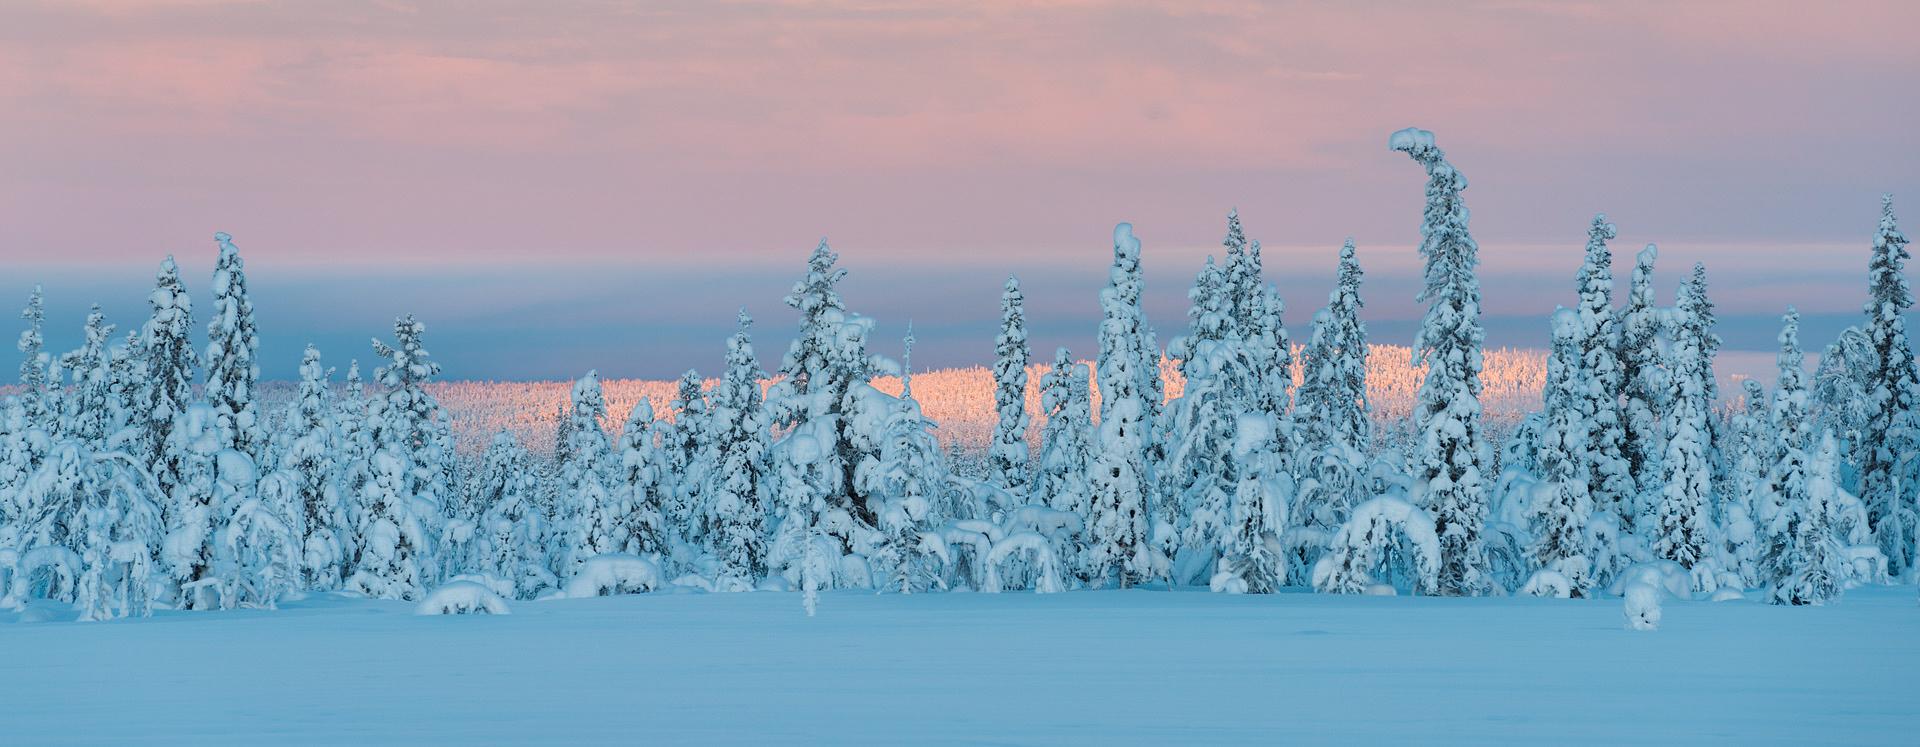 Winter Lapland